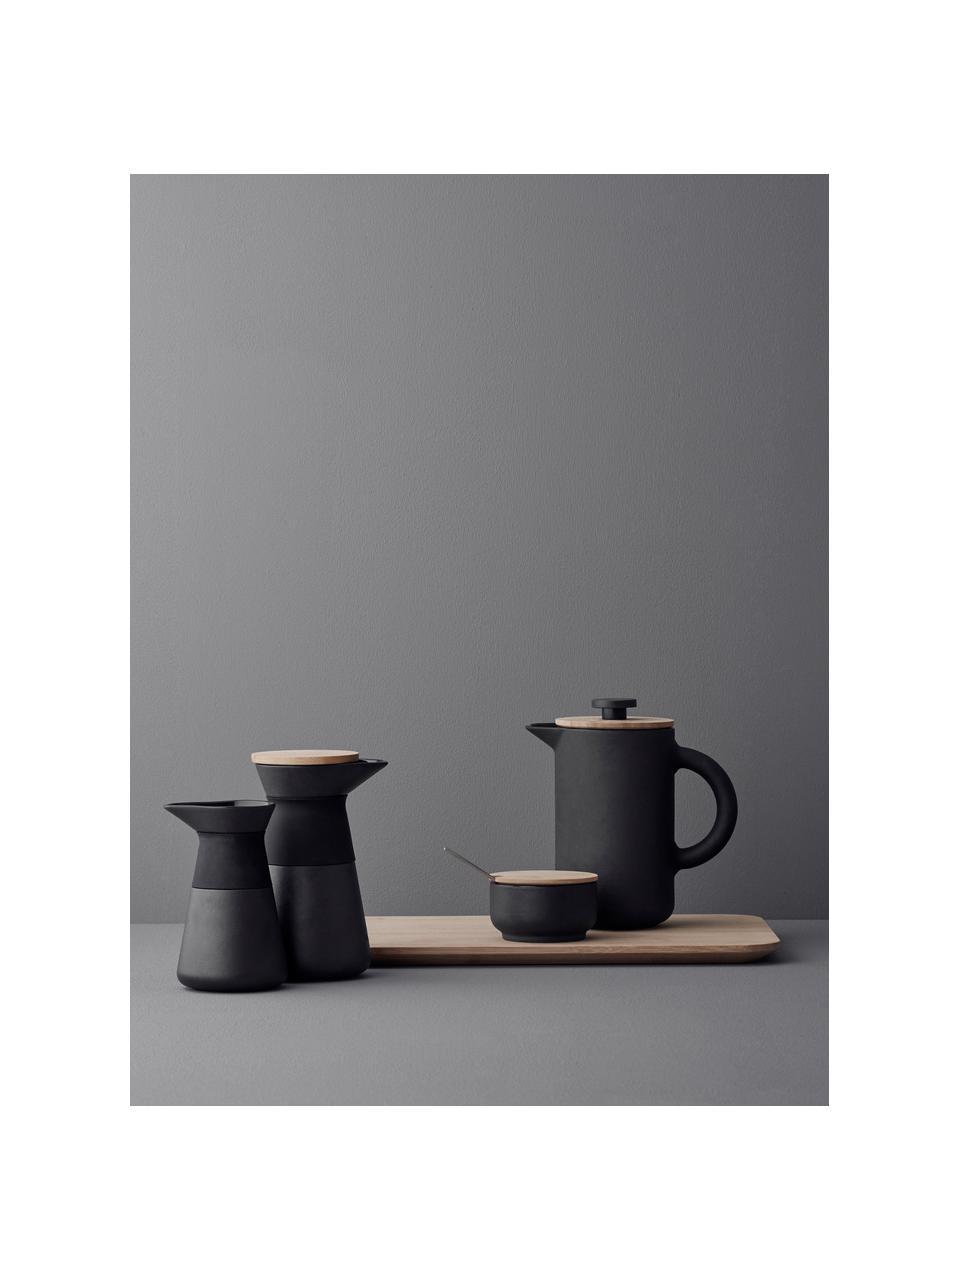 Cafetière noir Theo, Noir, mat Couvercle: brun clair